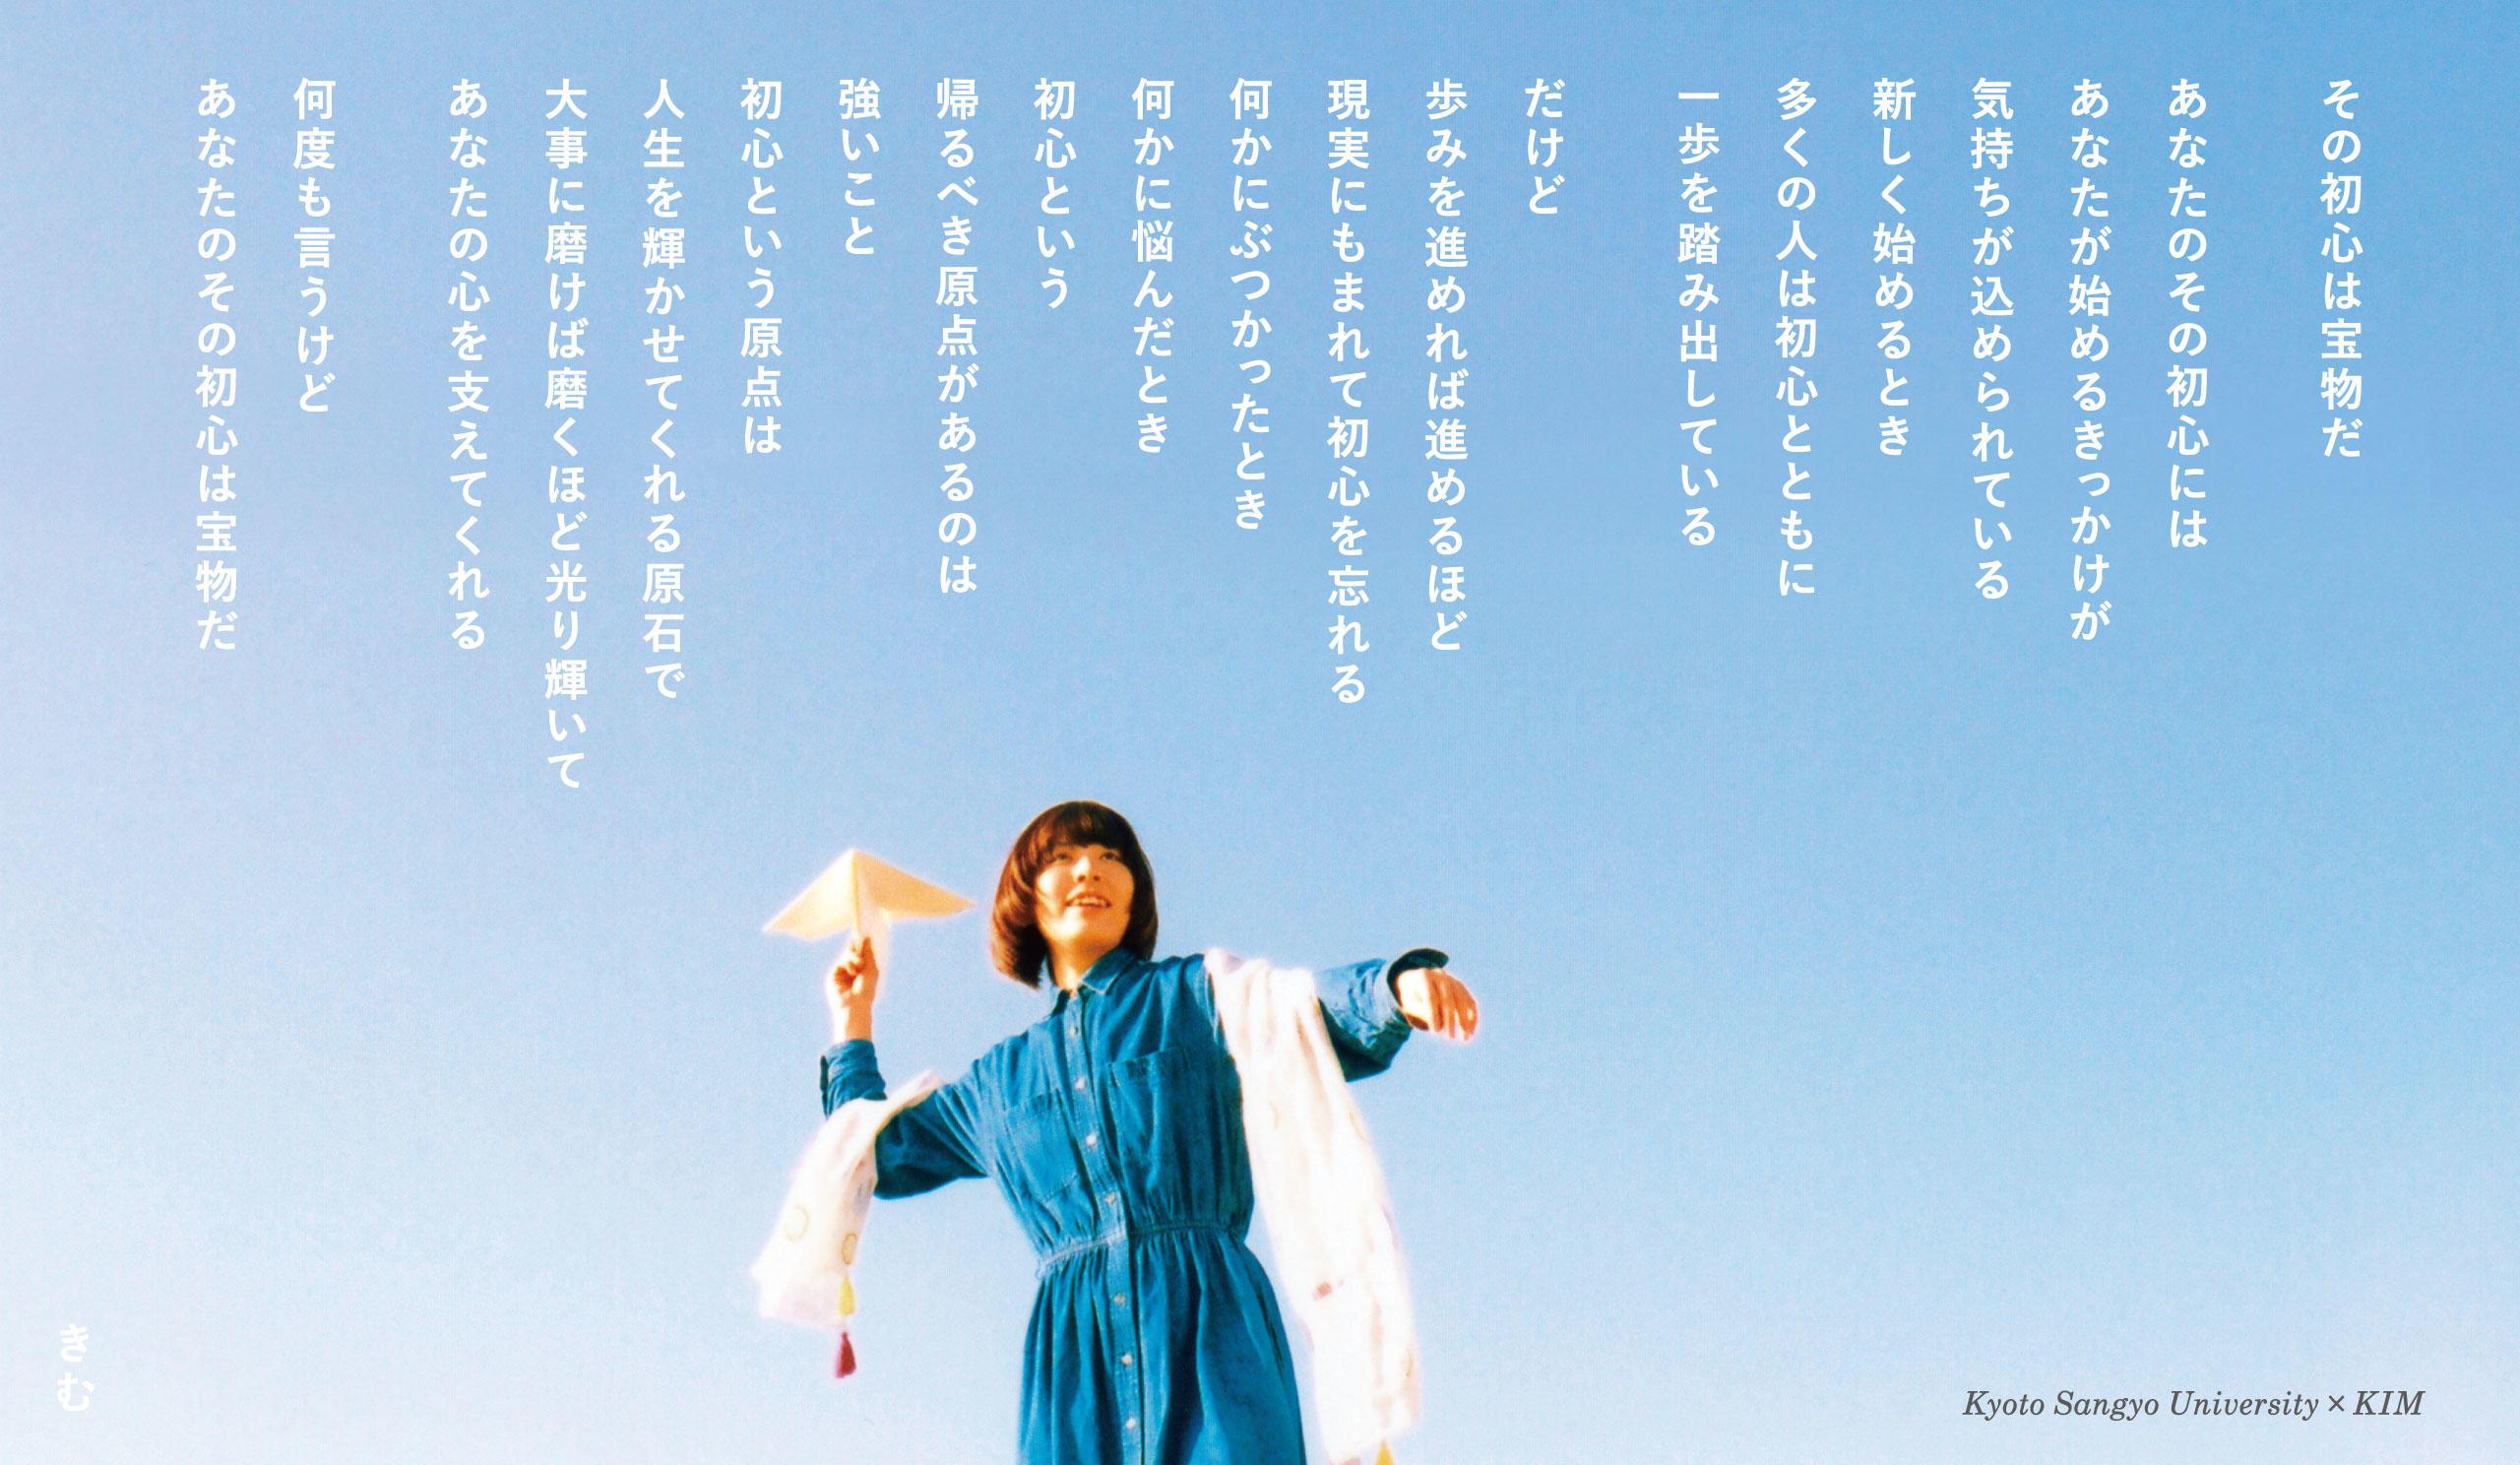 京都産業大学は詩人きむ氏とともに、夢を応援するプロジェクトを始動